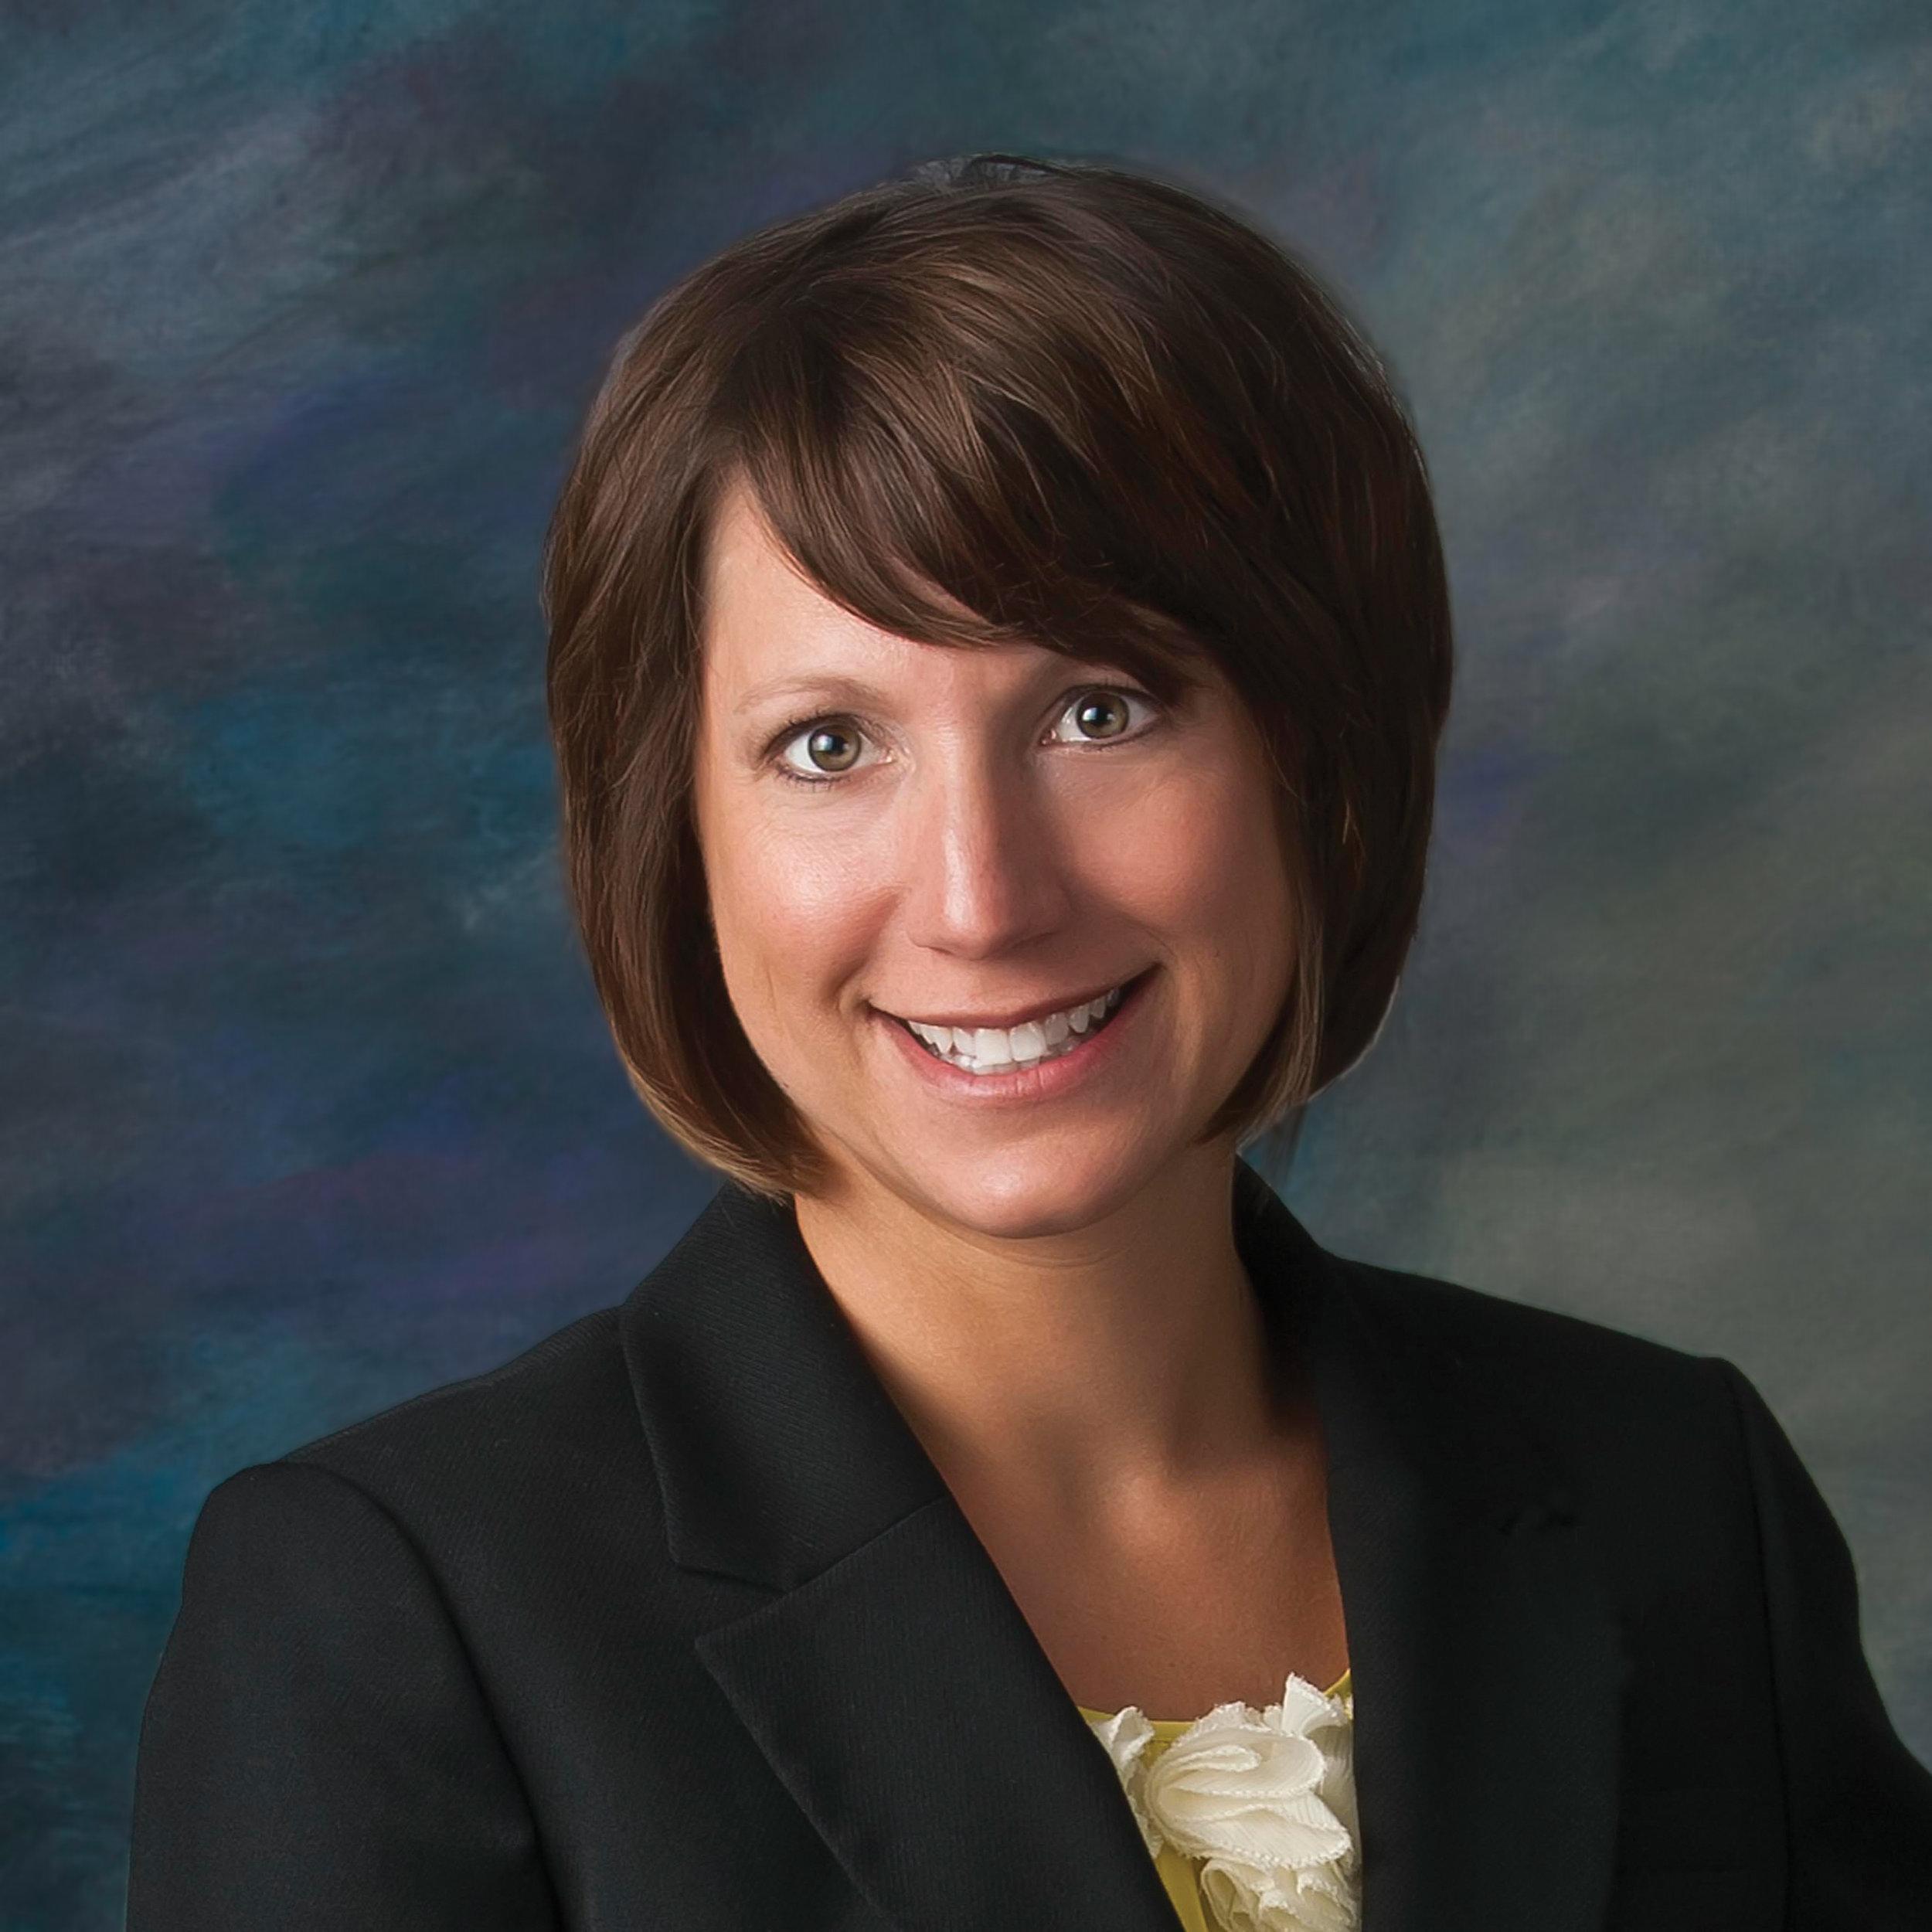 Jill Frerichs, D.P.M.